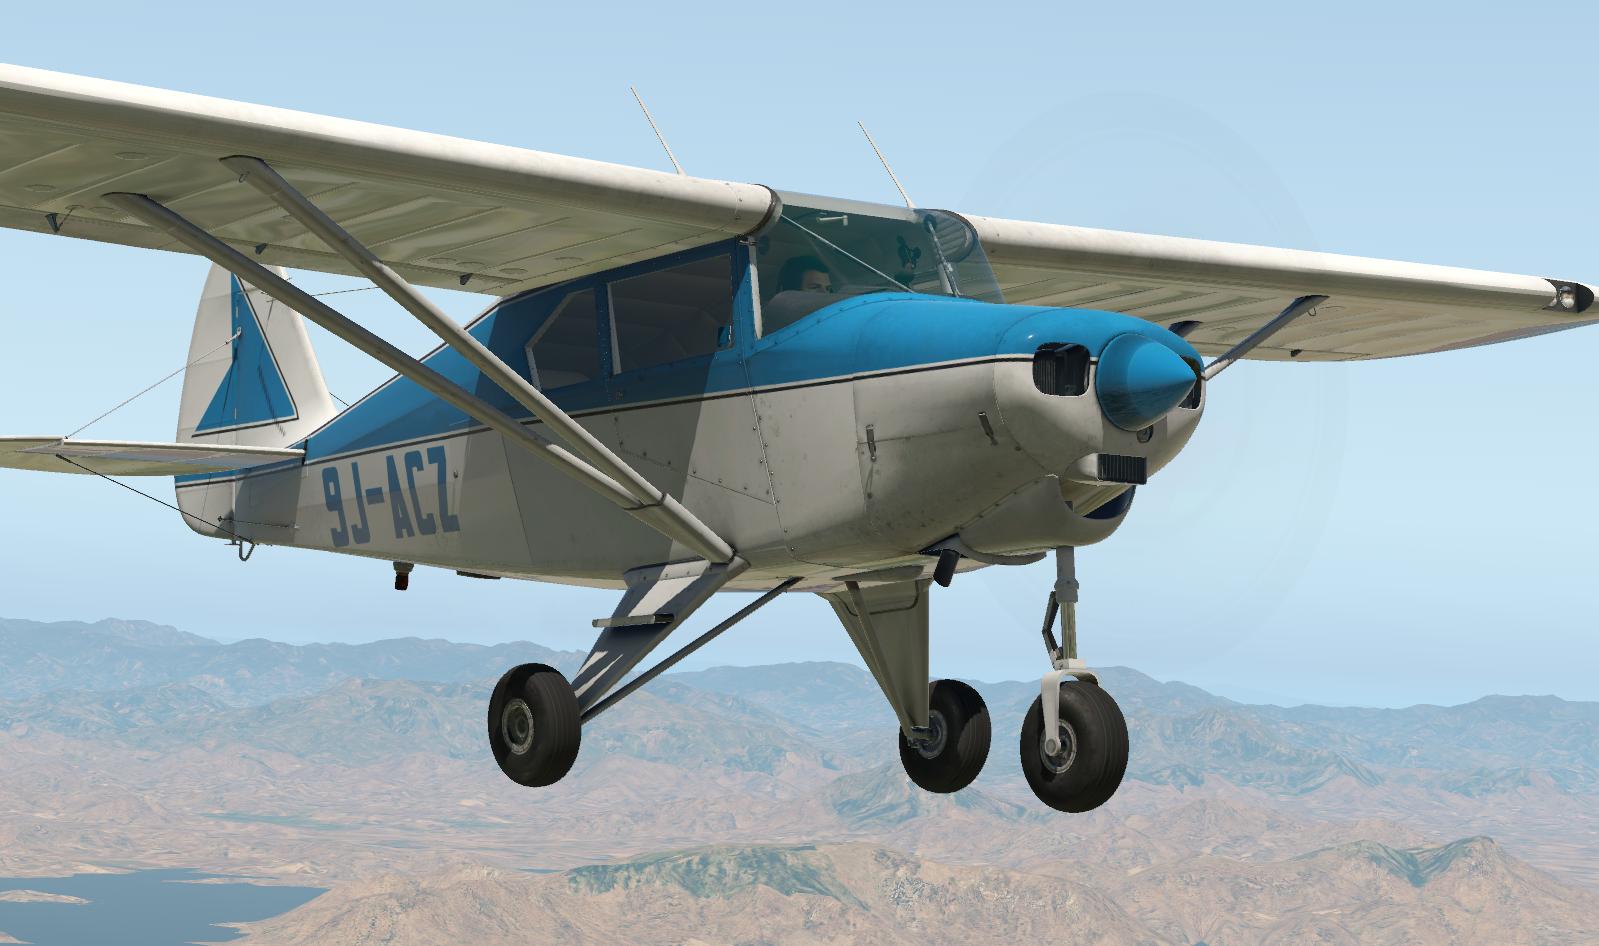 Alabeo PA22 Tri-Pacer 9J-ACZ  - Carenado Paints - X-Plane